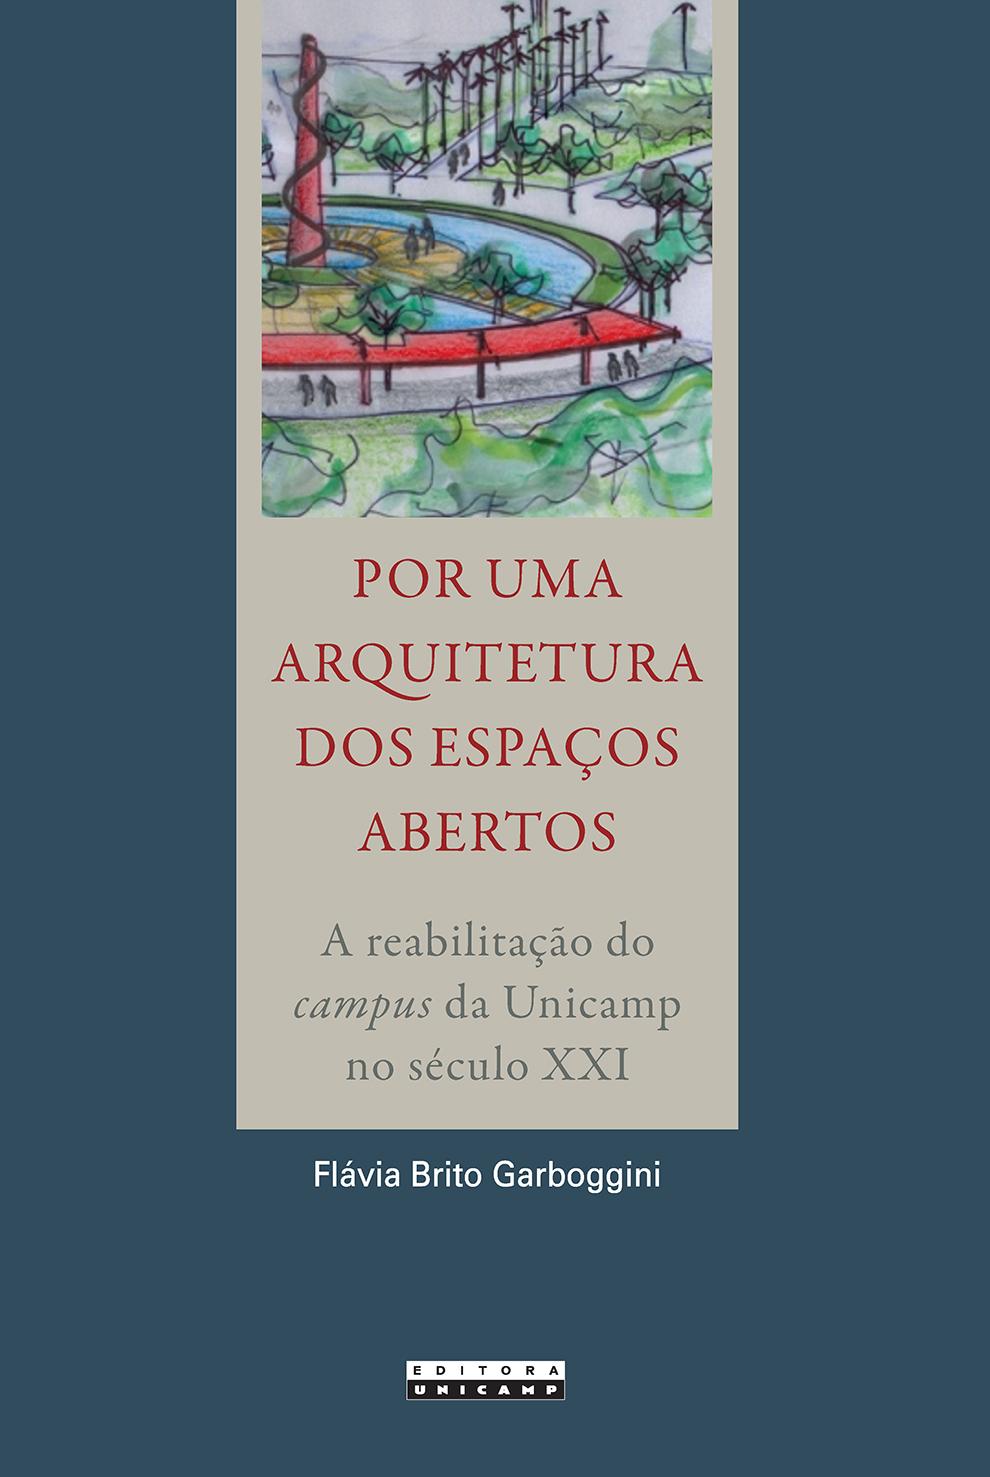 Por uma arquitetura dos espaços abertos - A reabilitação do campus da Unicamp no século XXI, livro de Flávia Brito Garboggini